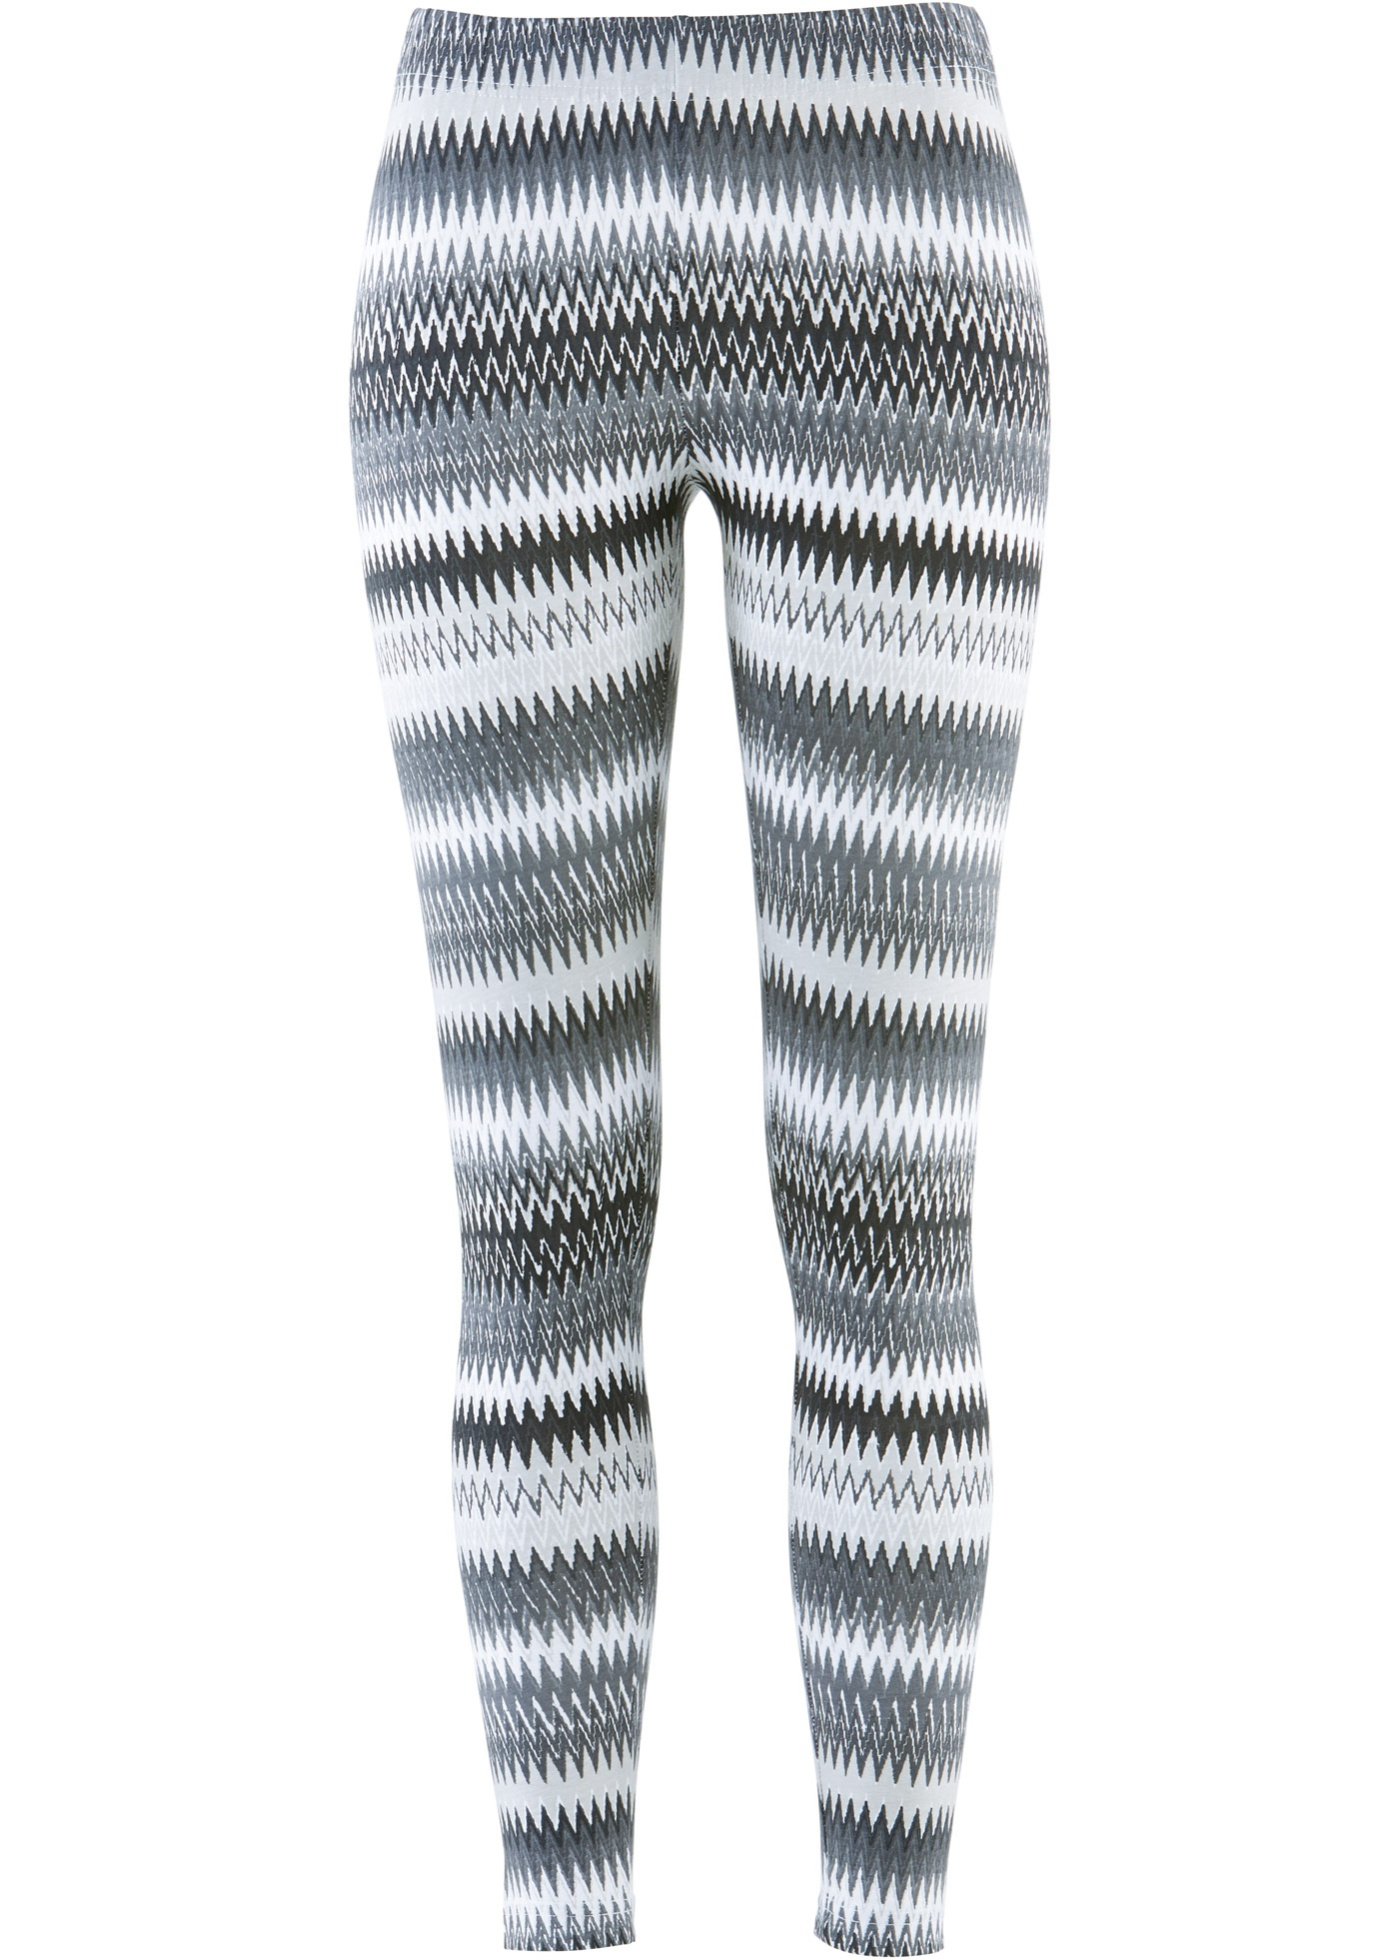 Leggings (2-pack), bpc selection, laxrosa/gråbrun, mönstrade + laxrosa